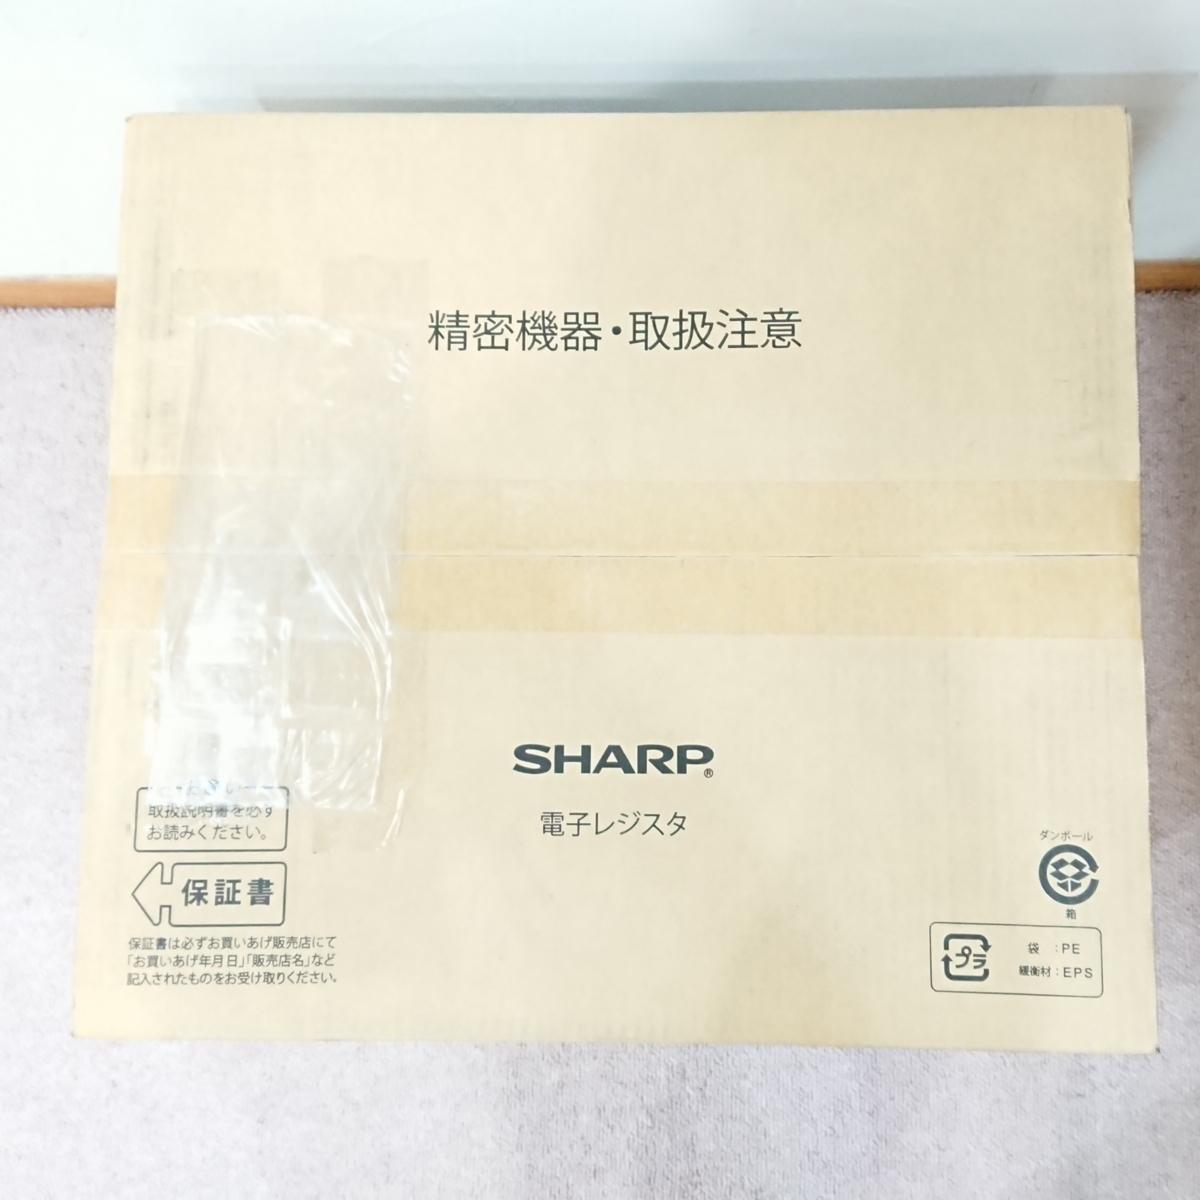 【新品未使用】SHARP シャープ 電子レジスタ XE-A207B-B 軽減税率対応_画像2